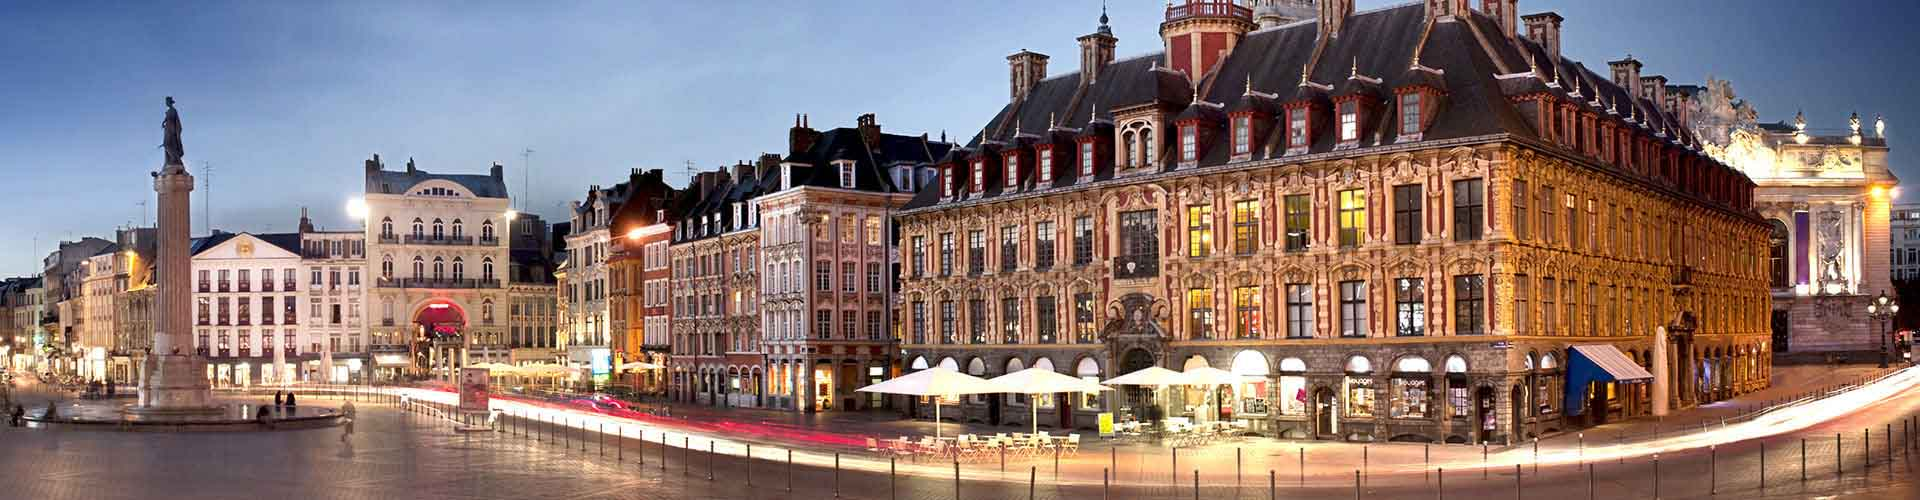 Lille - Hostels nahe Bahnhof Gare de Lille-Flandres. Lille auf der Karte. Fotos und Bewertungen für jedes Hostel in Lille.